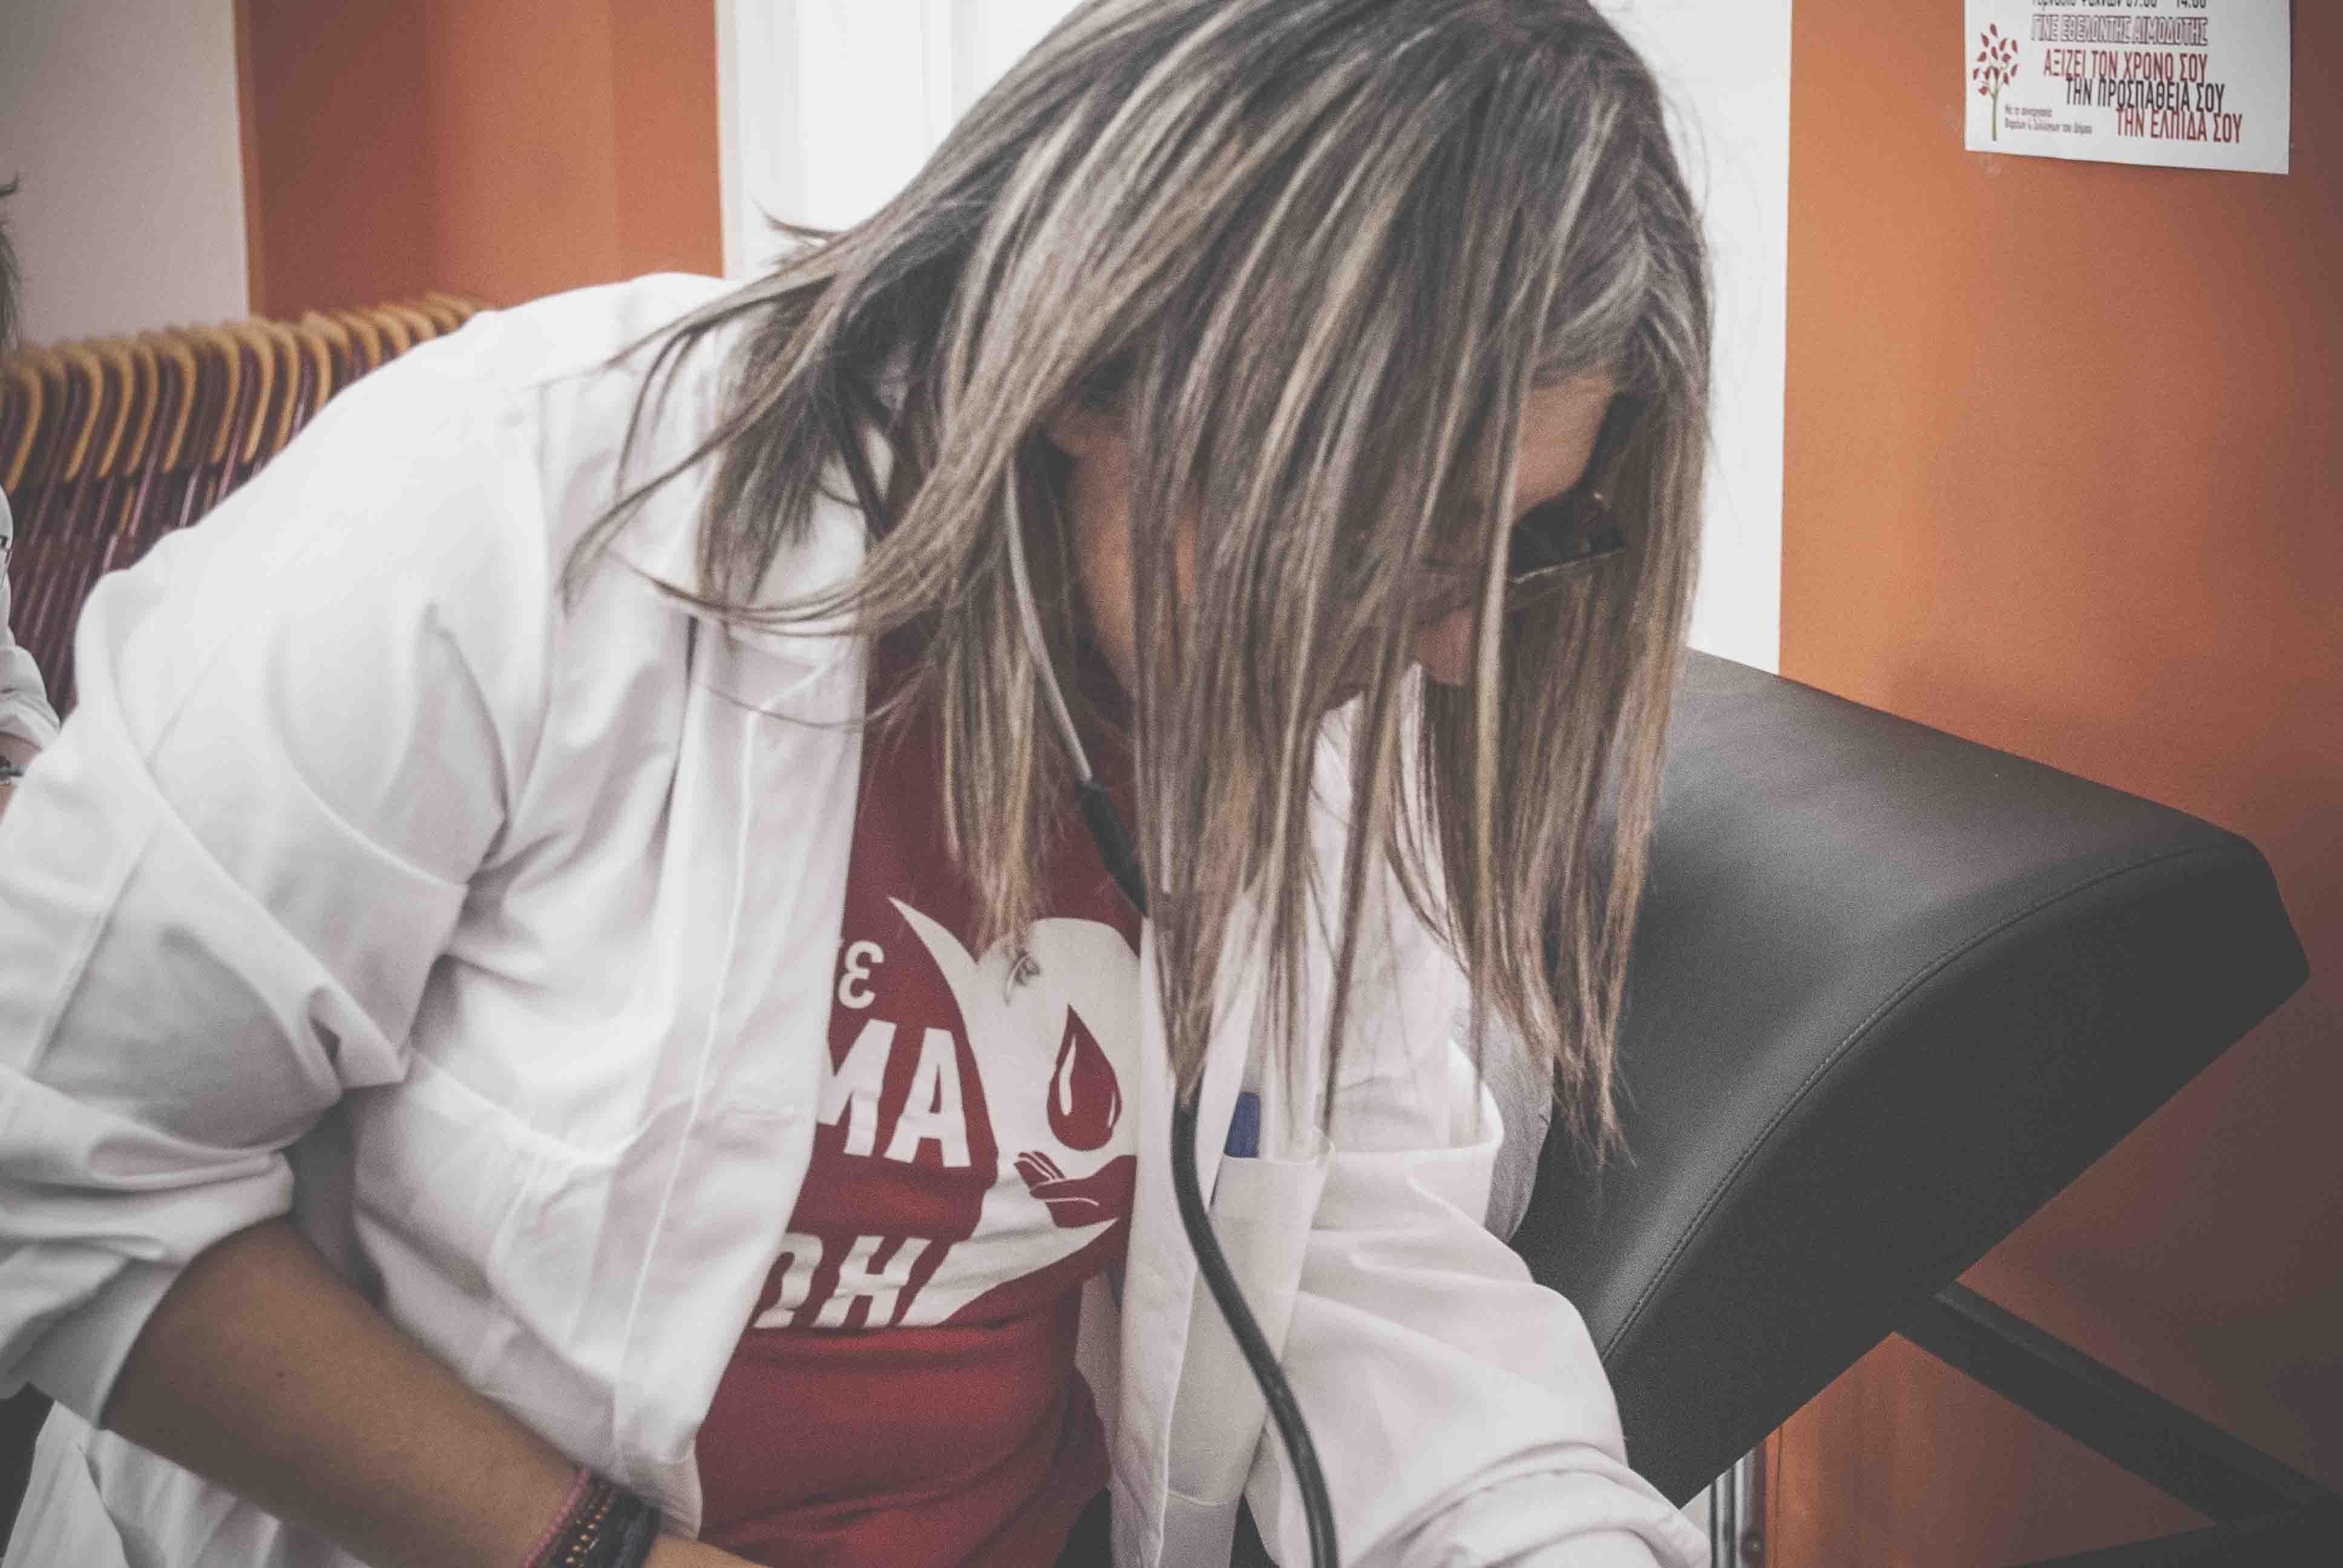 Πραγματοποιήθηκε η αιμοδοσία στον Δήμο Διρφύων Μεσσαπίων DSC 0167